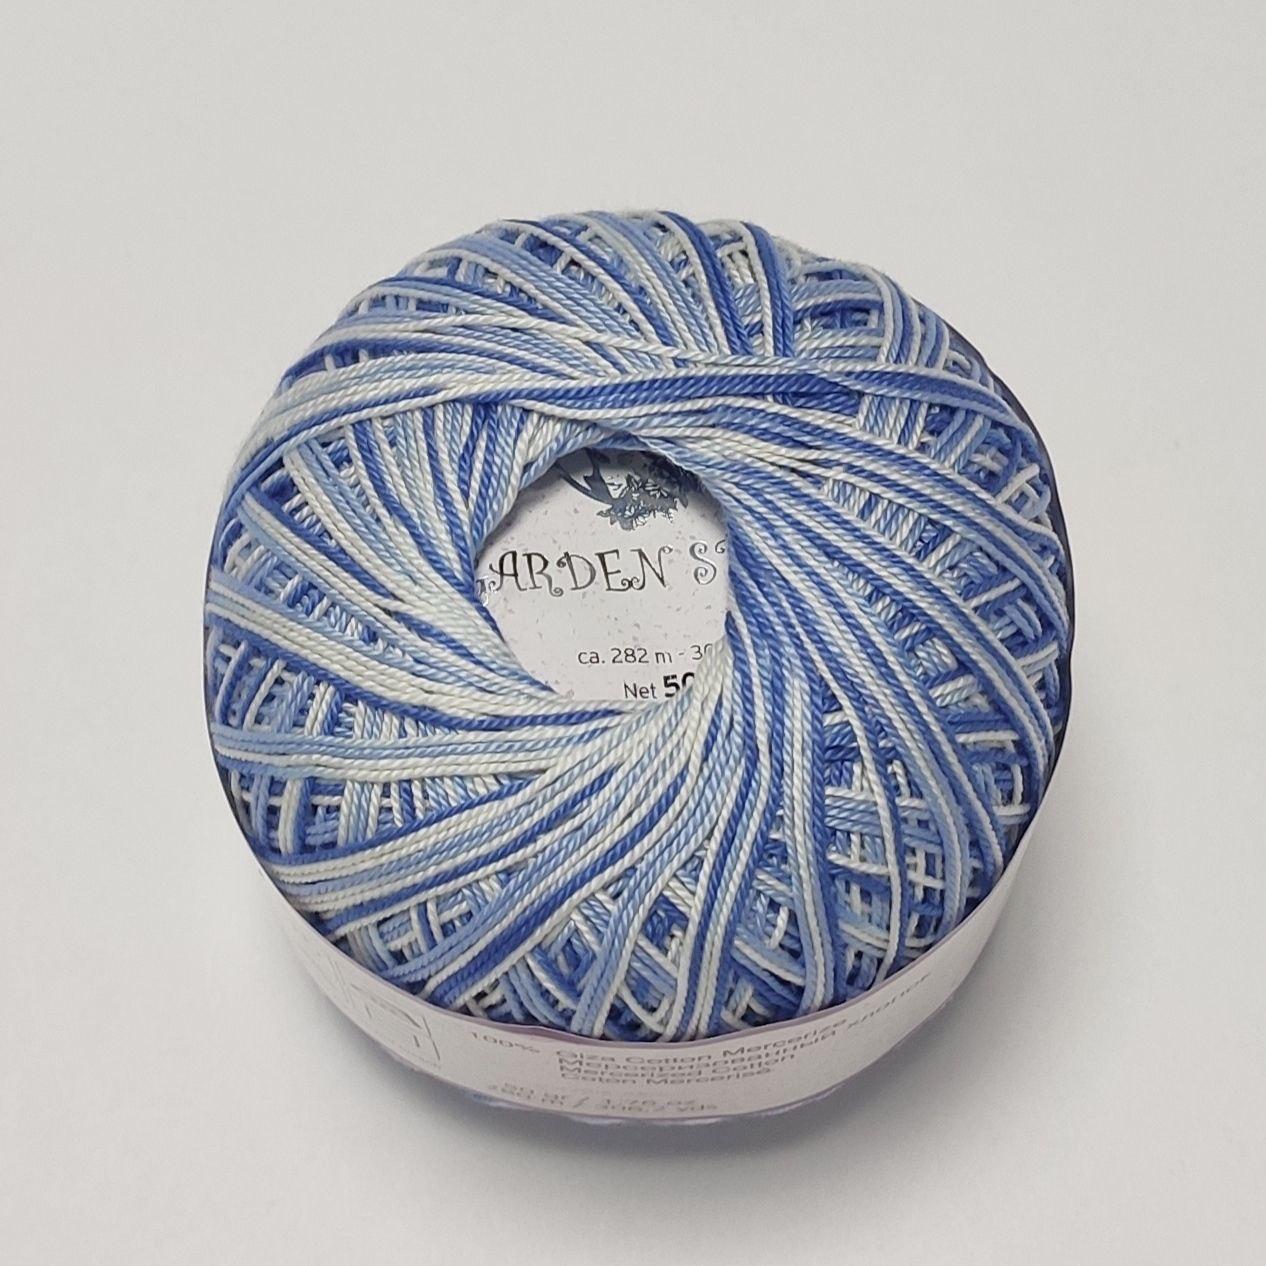 Бавовняна пряжа Garden Nazli Gelin Назлі Гелин Гарден, різні кольори, меланж синьо-білий